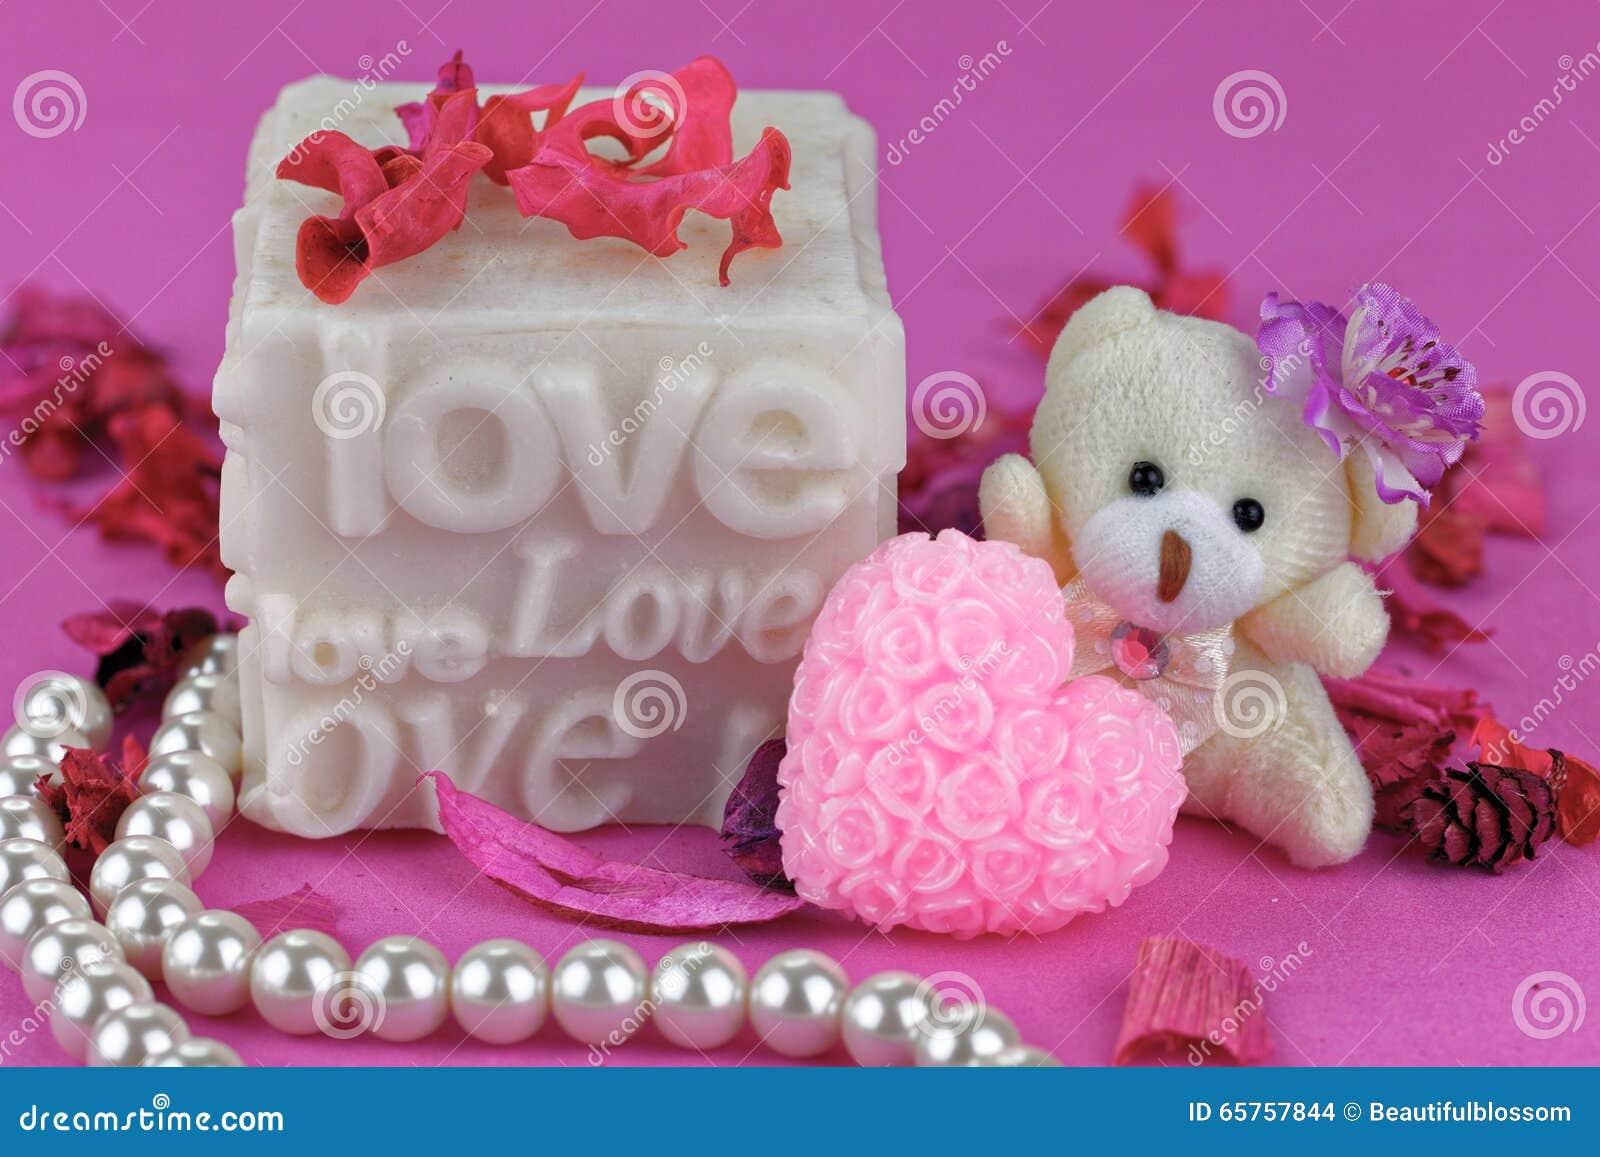 petit ours de nounours avec la bote d amour fond rose